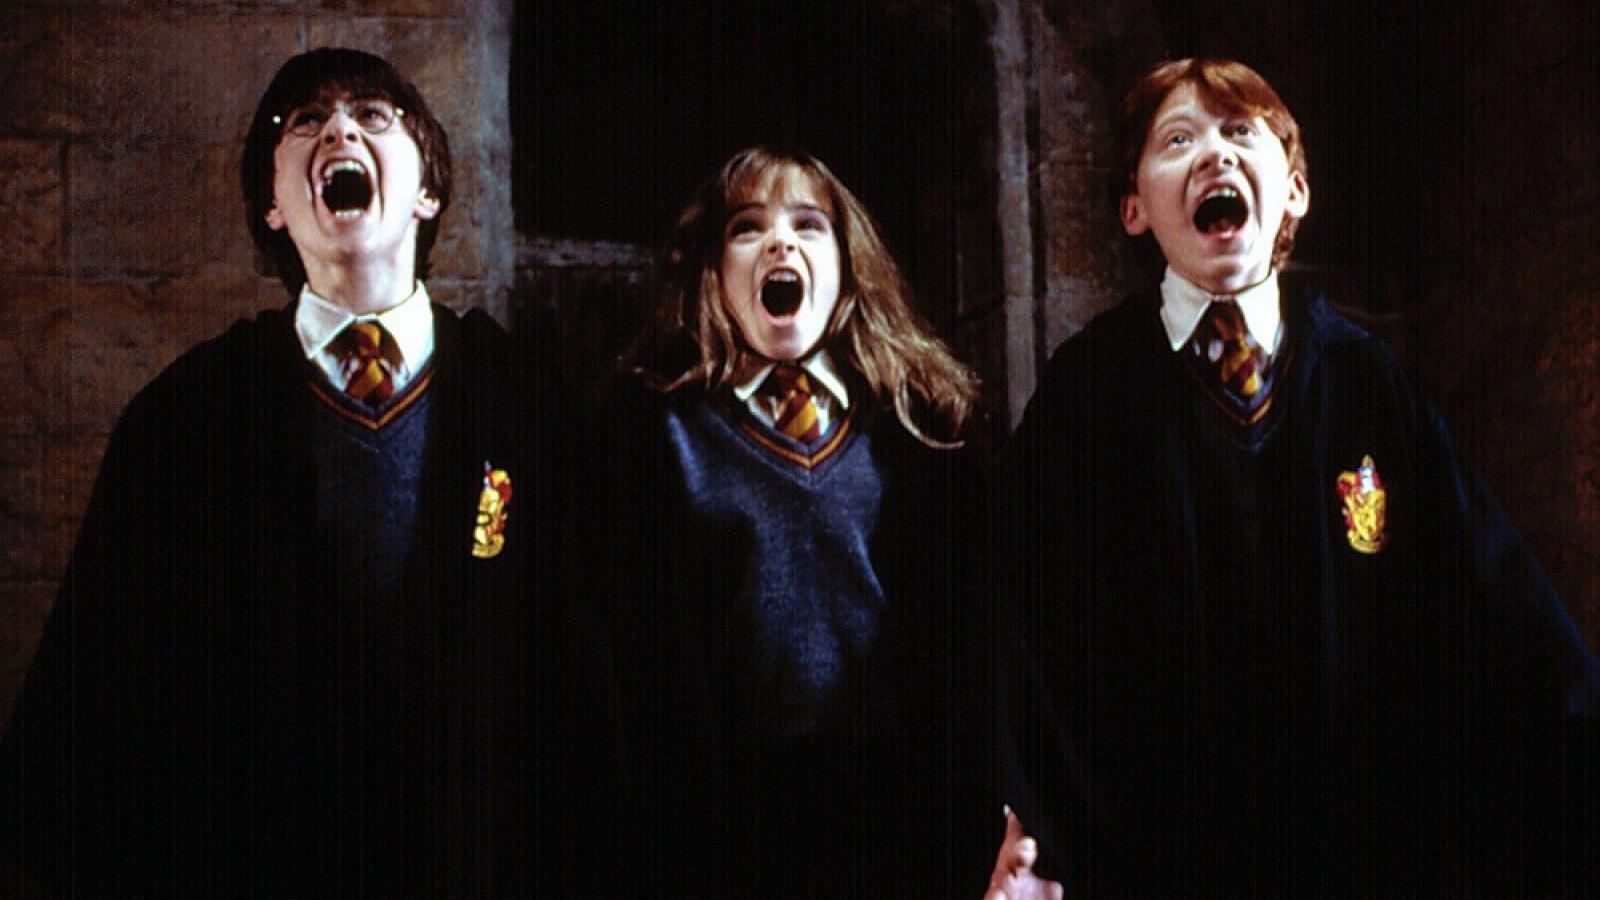 Đón xem trực tuyến loạt phim Harry Potter vào tháng 9